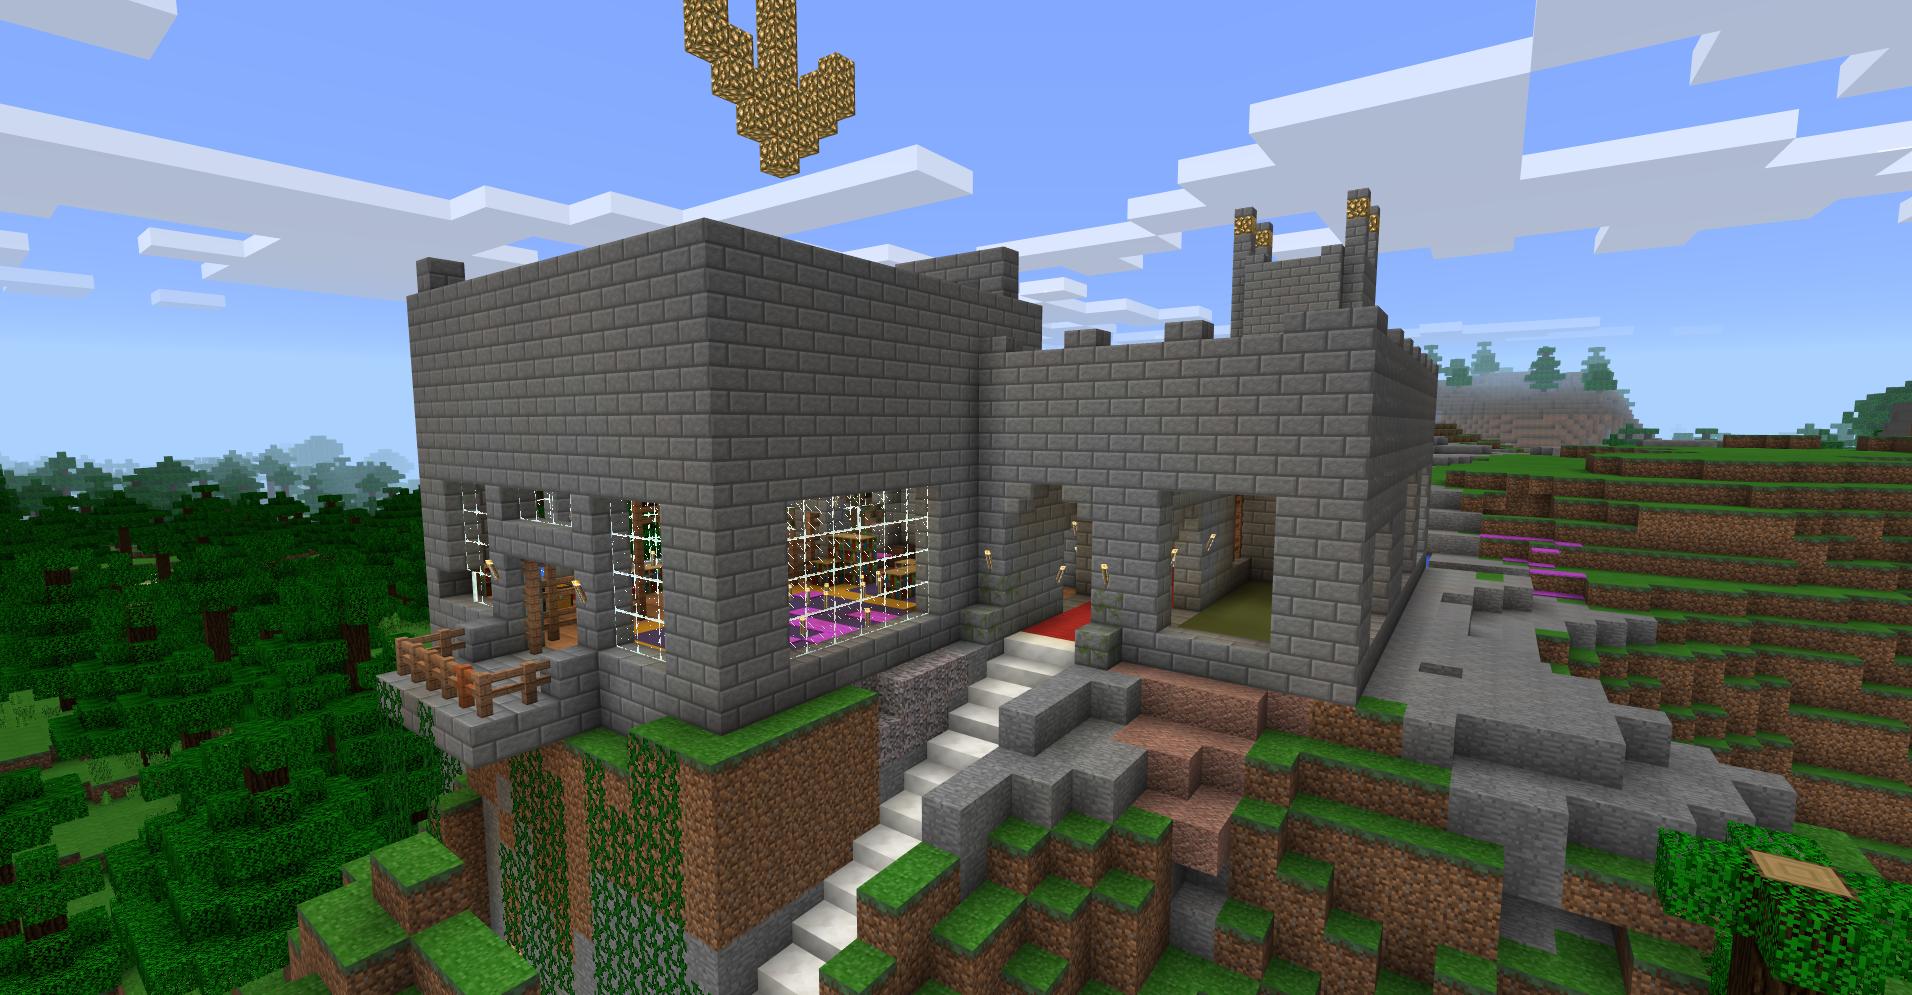 Bekend Minecraft samen spelen - onze persoonlijke start - Mama ABC @KE84